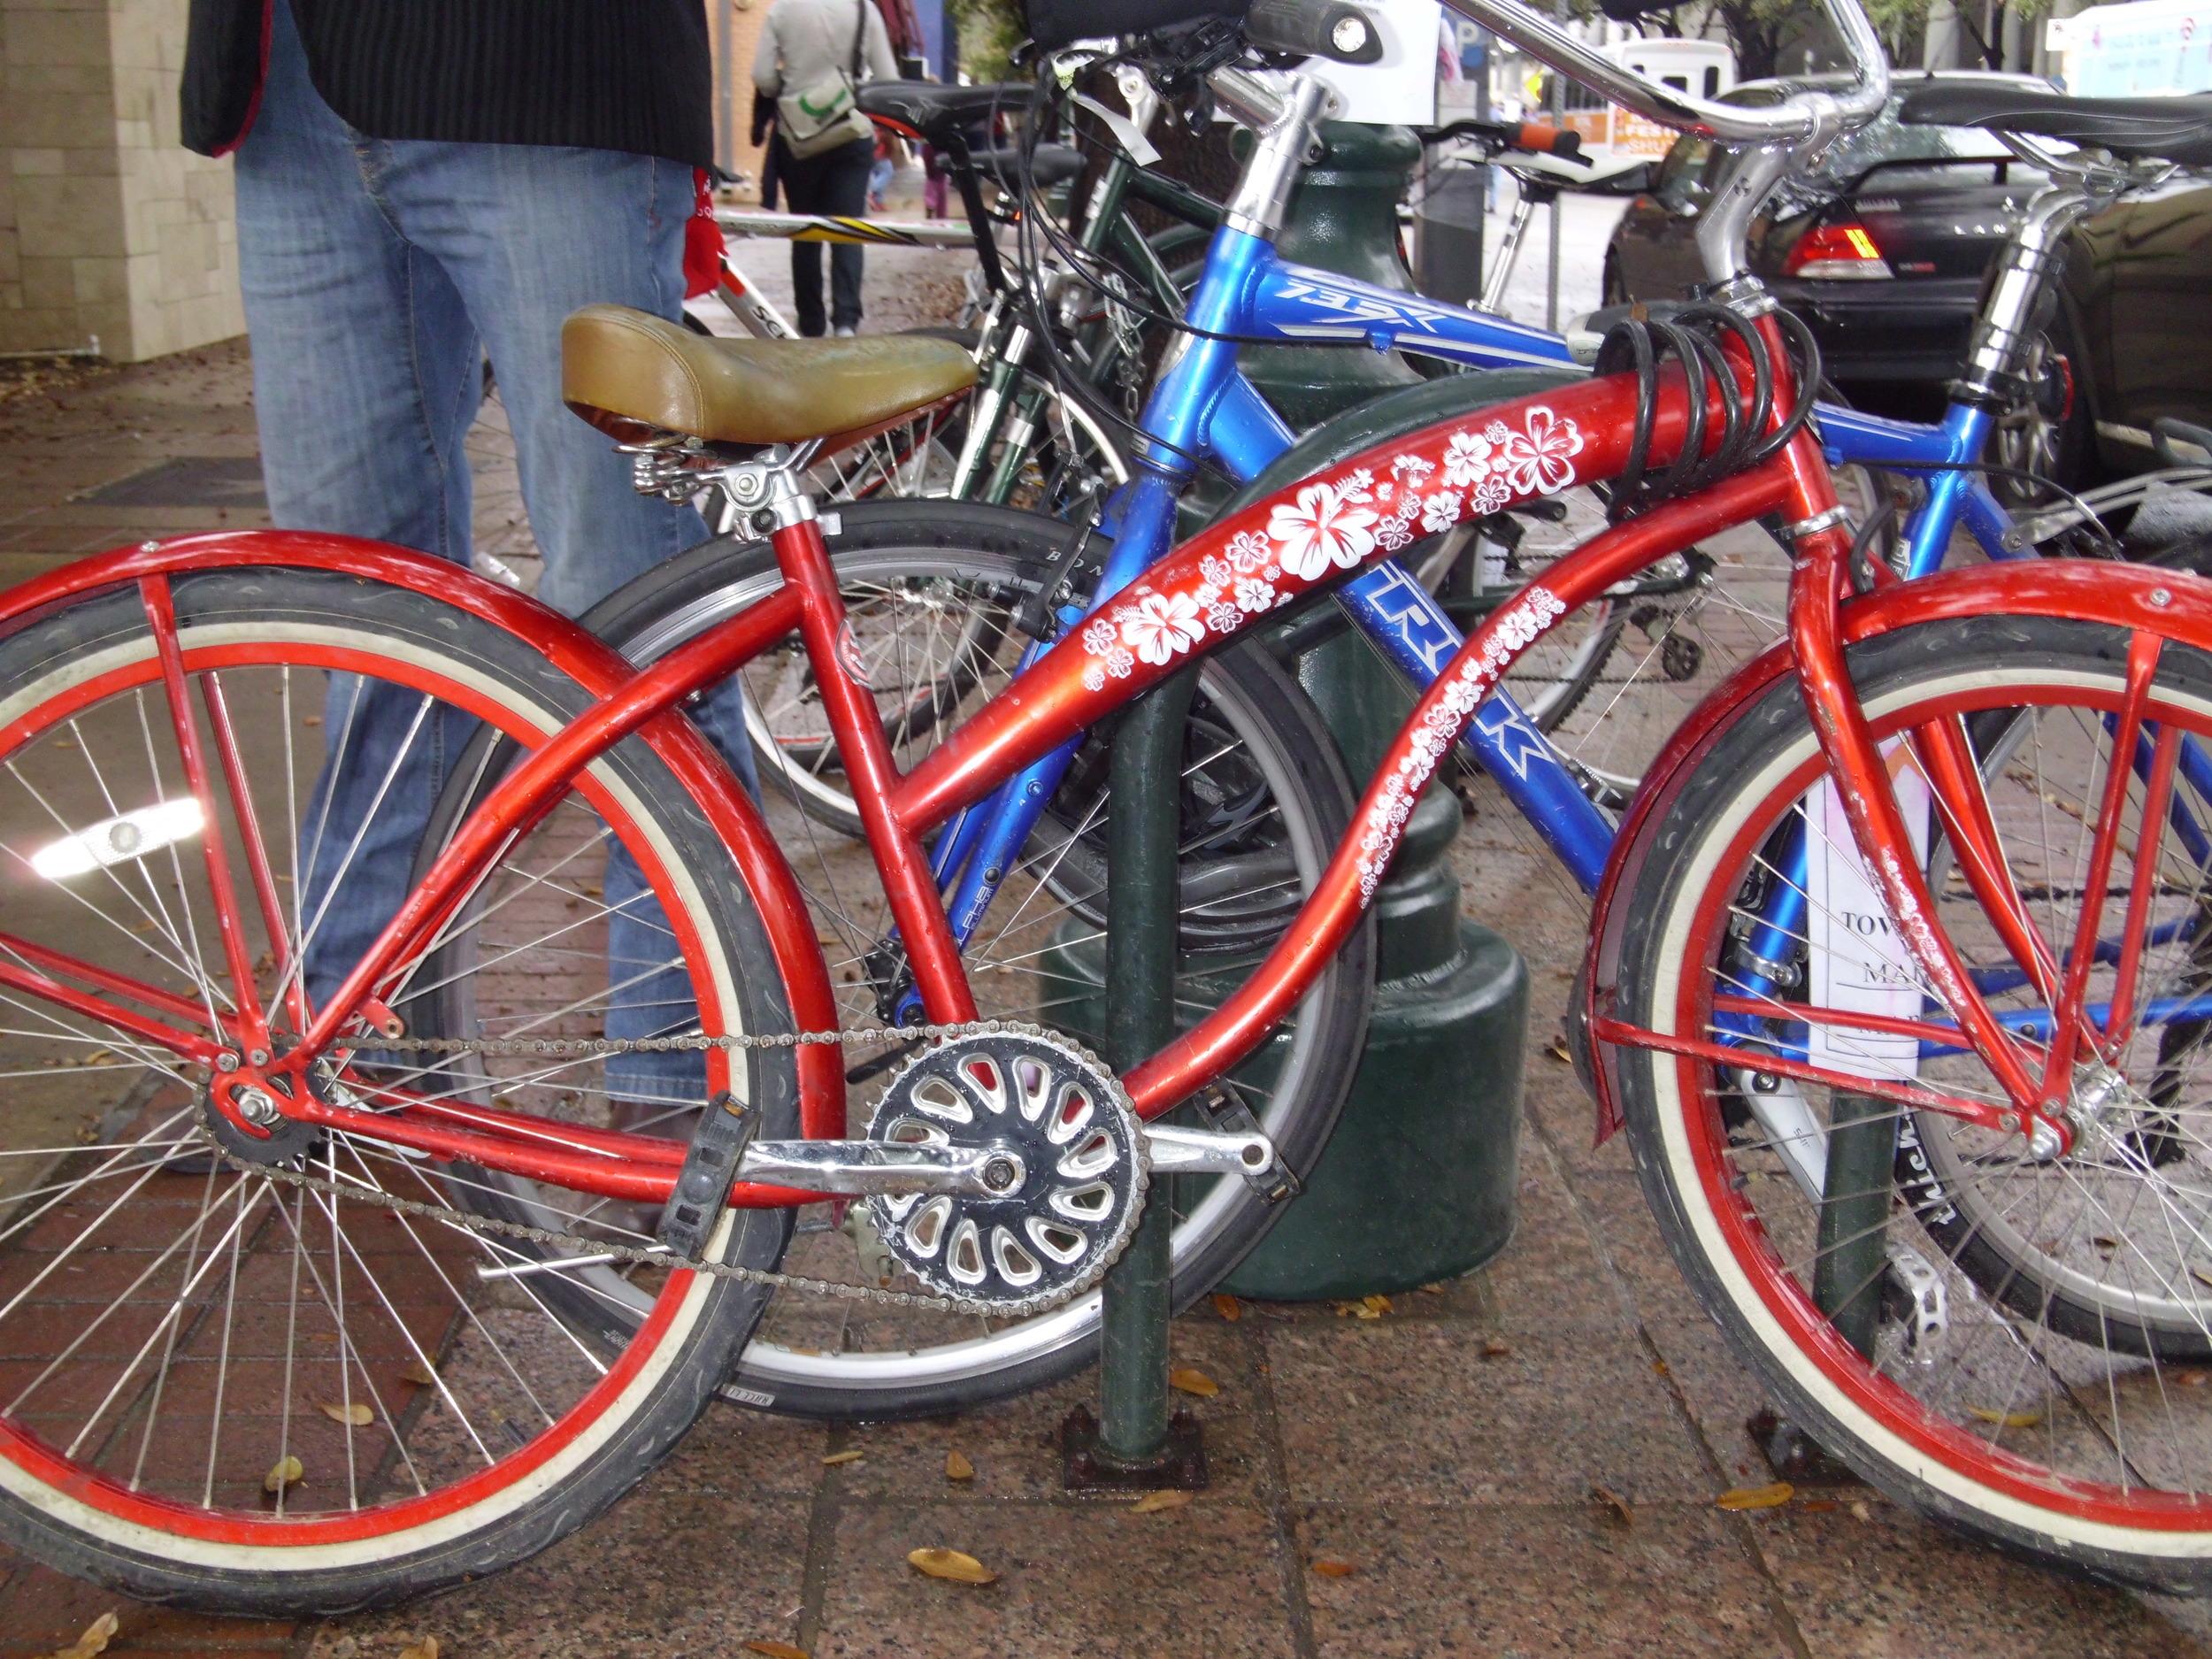 My beach cruiser bike - The Red Baron.